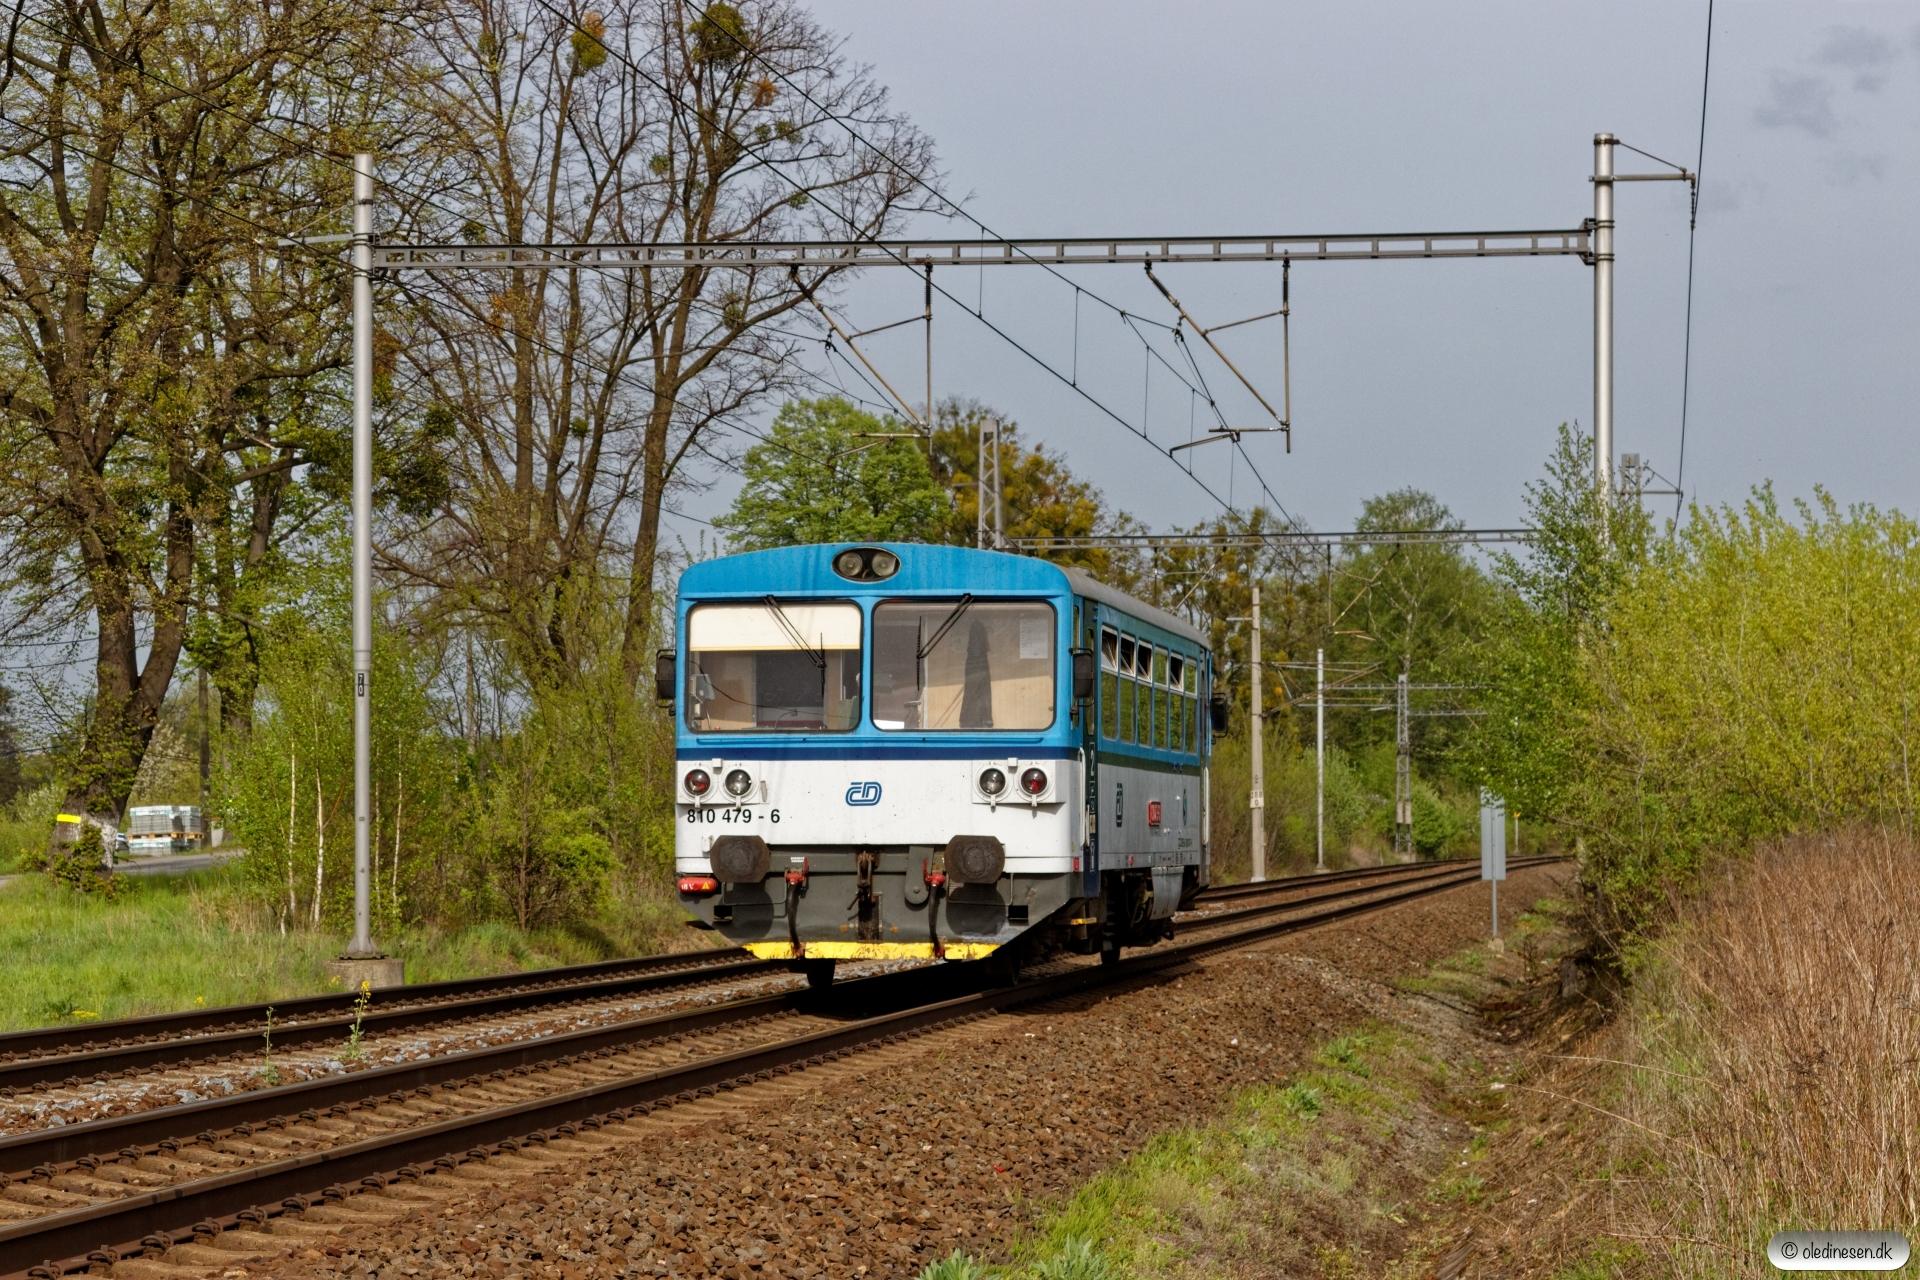 ČD 810 479-6 som Os 3035. Závada (Tjekkiet) 26.04.2019 kl. 16.13½.